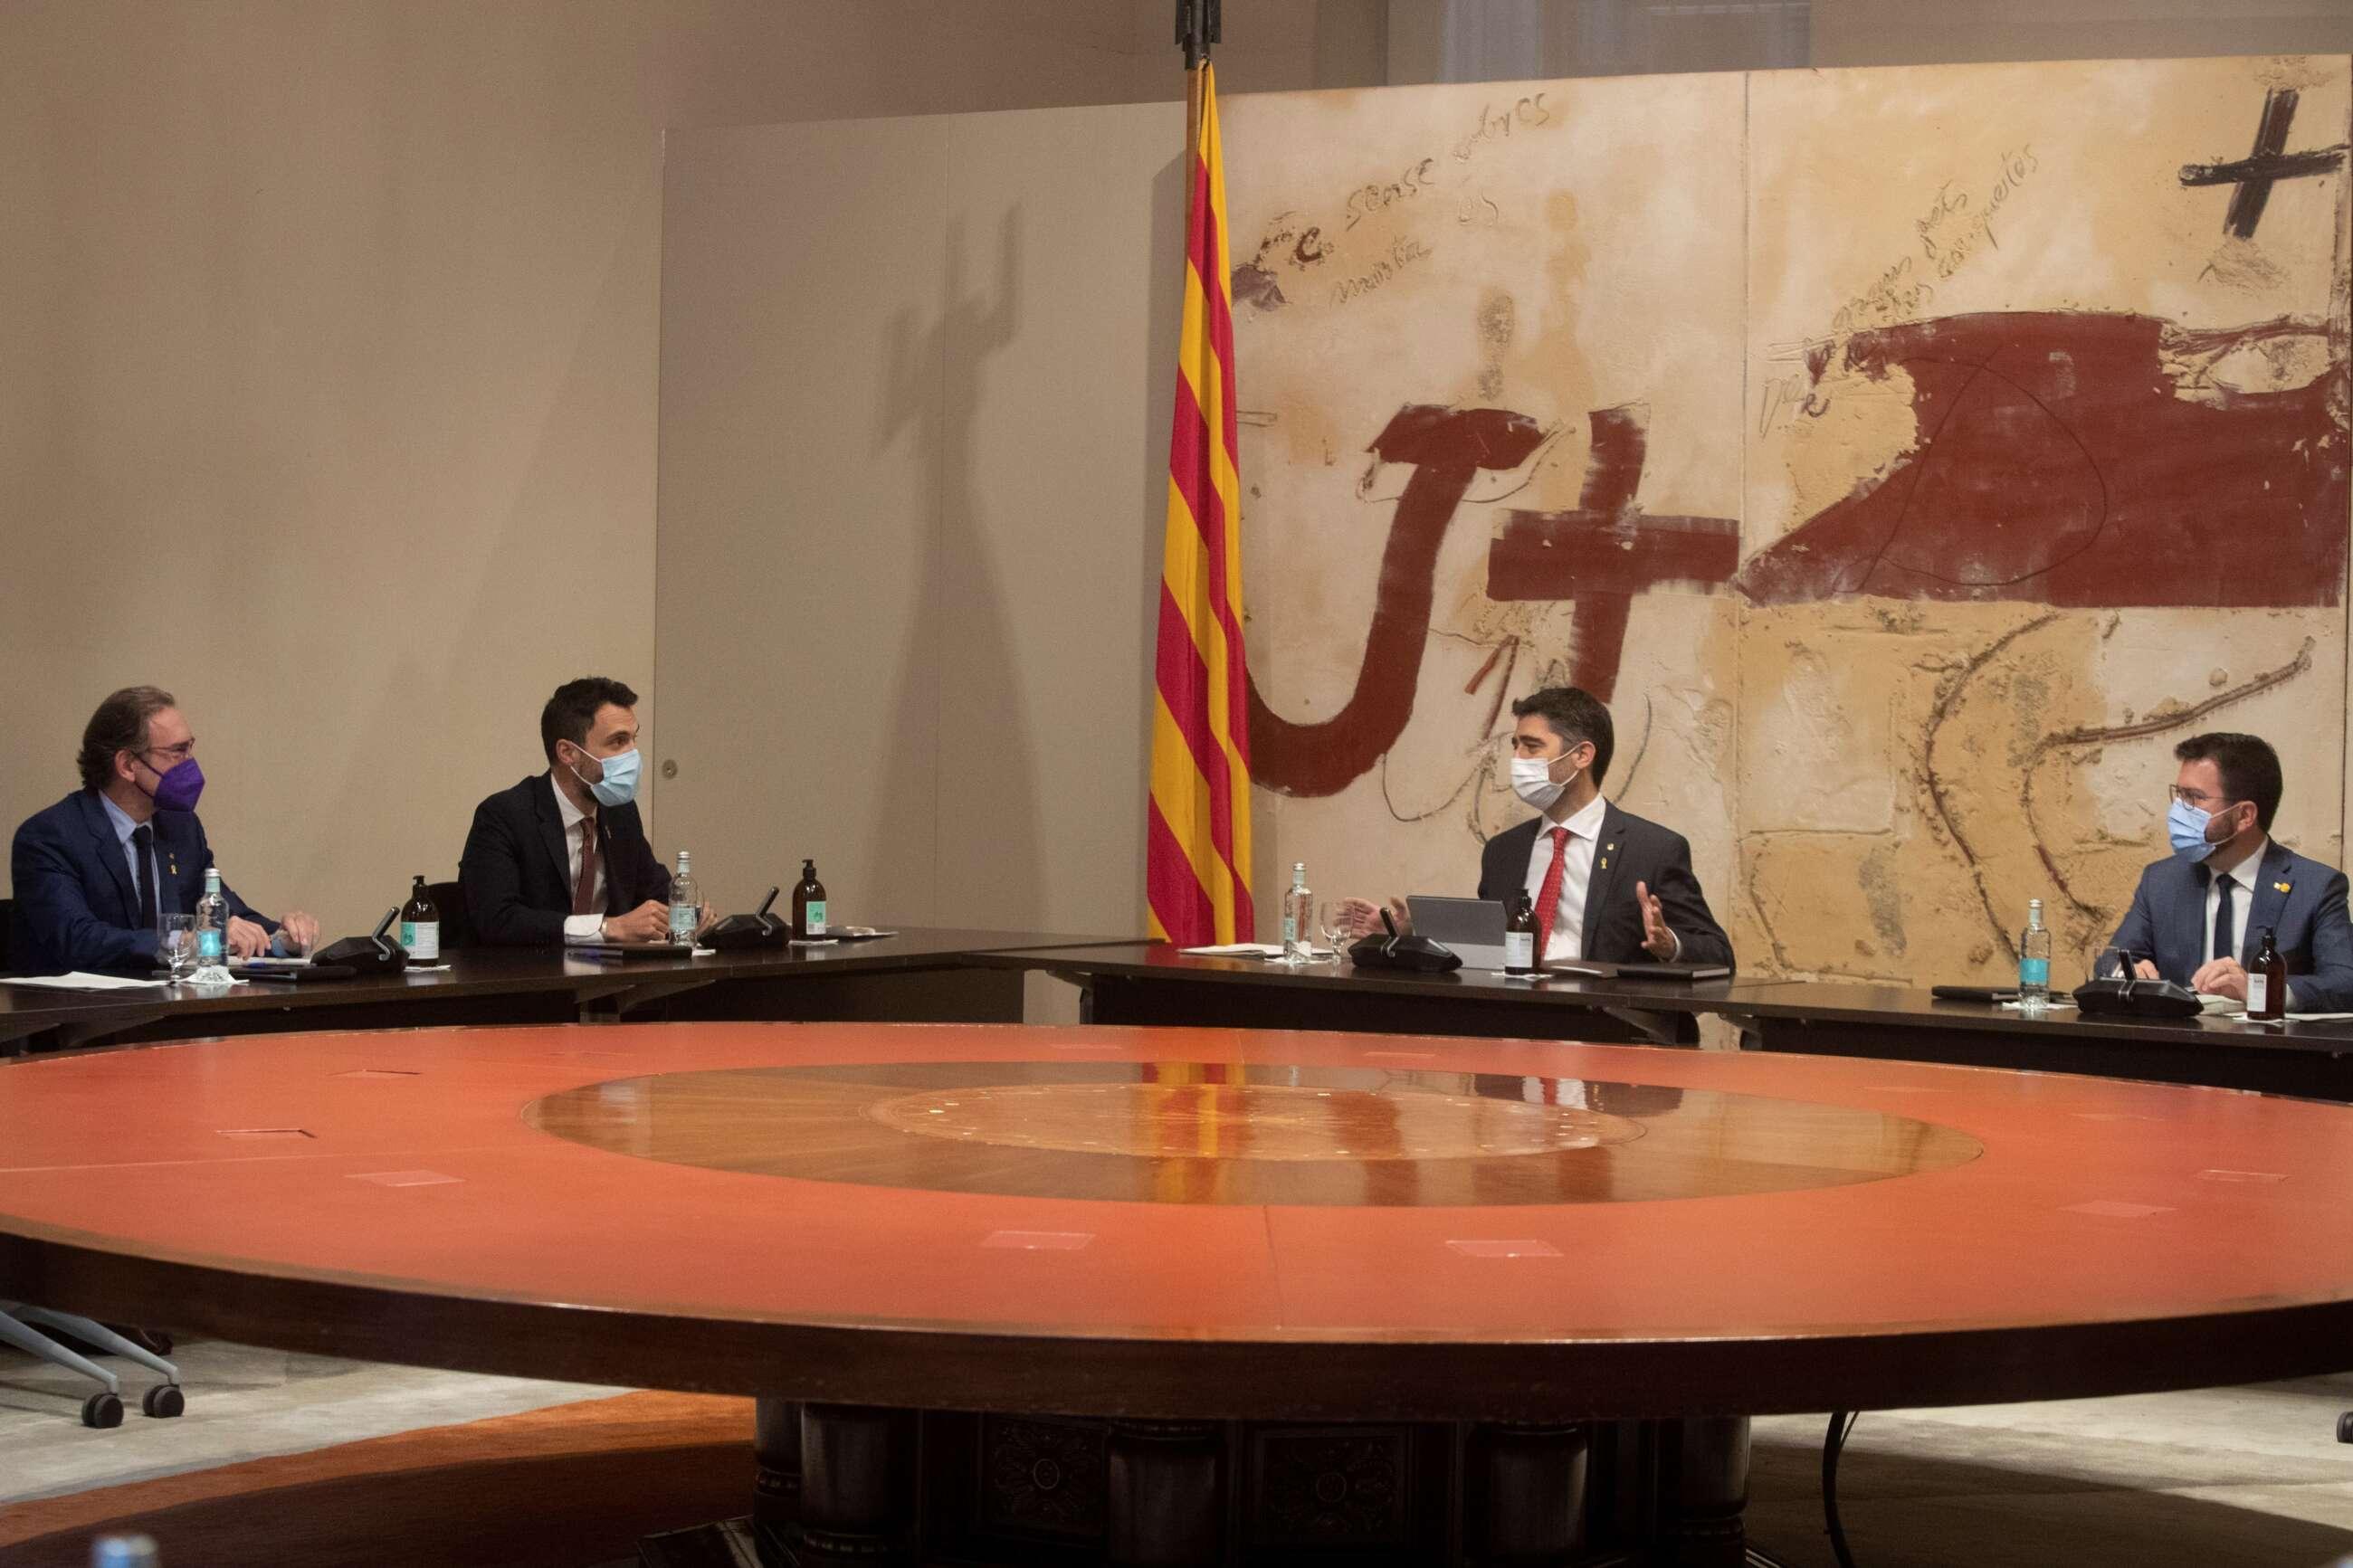 El presidente de la Generalitat, Pere Aragonès (d), junto a su vicepresidente, Jordi Puigneró (2d), y los consellers de Economía, Jaume Giró (i), y Empresa y Trabajo, Roger Torrent (2i), durante la reunión semanal del Govern. EFE/Marta Pérez